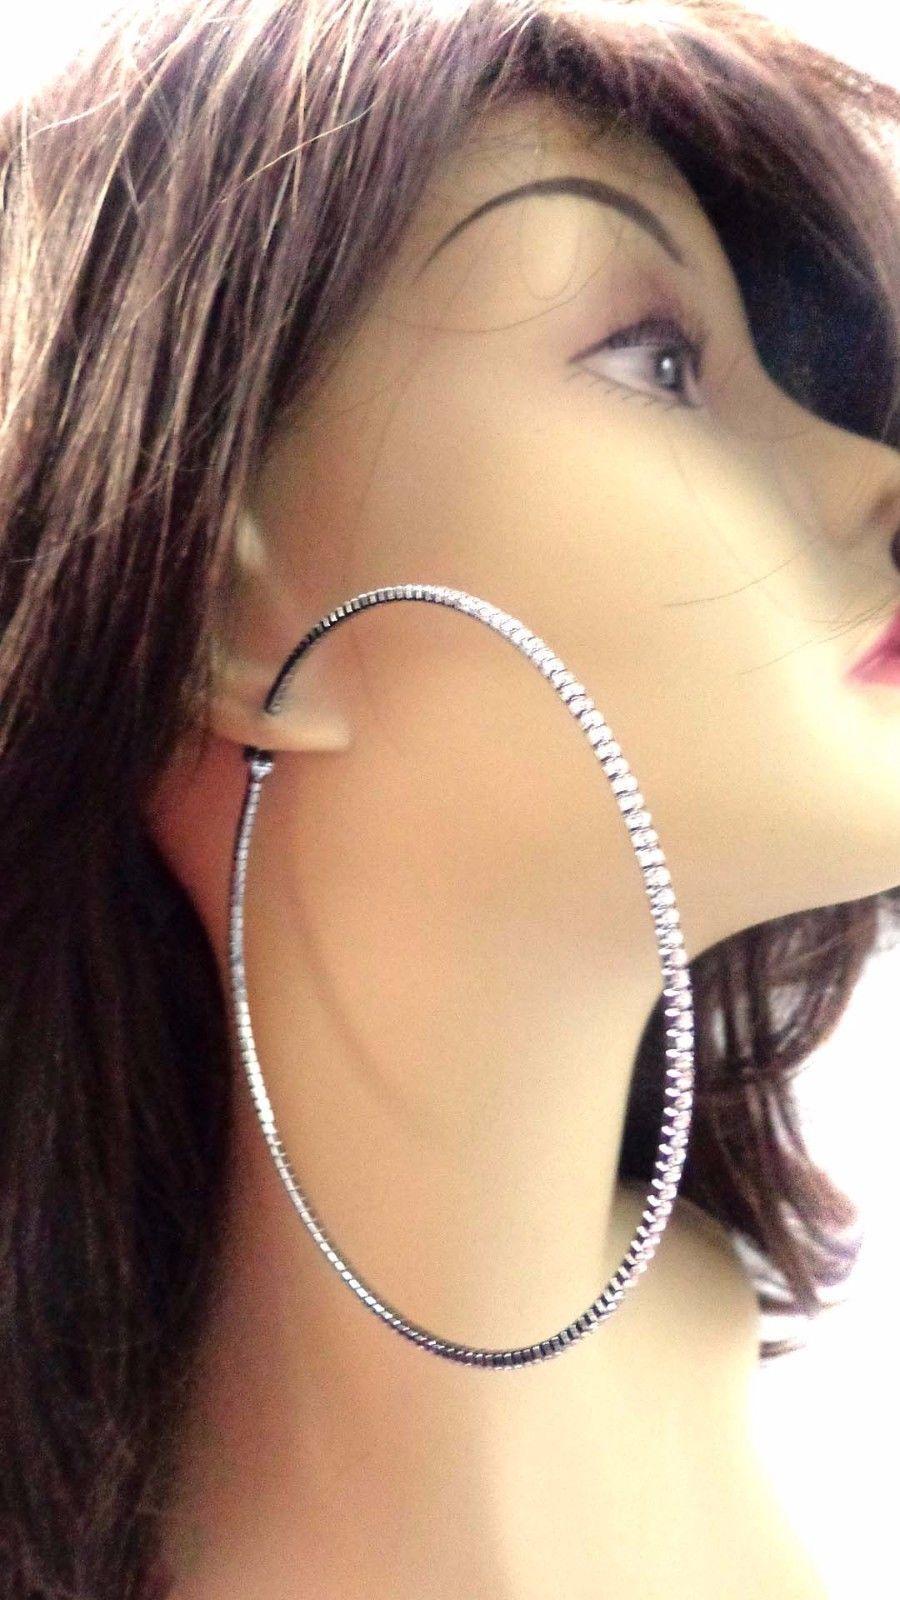 Large 4 Inch Hoop Earrings Rhinestone Crystal Hoops Skinny Black